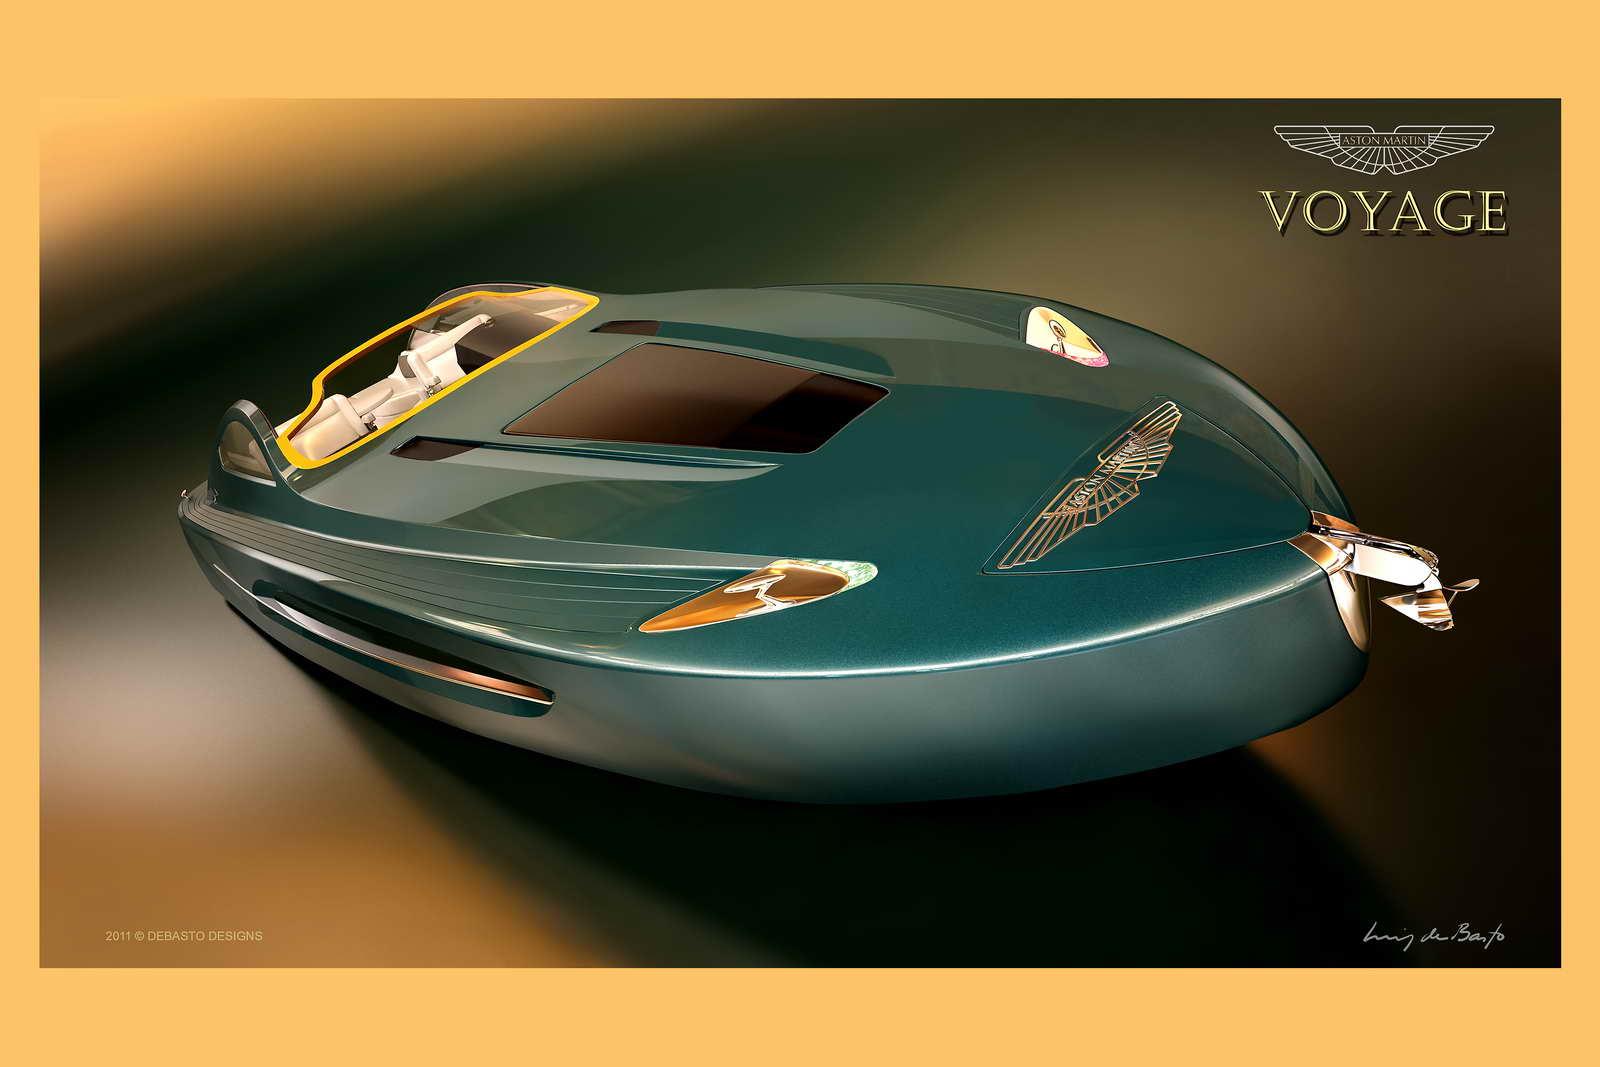 Aston_Martin_Voyage_55_01